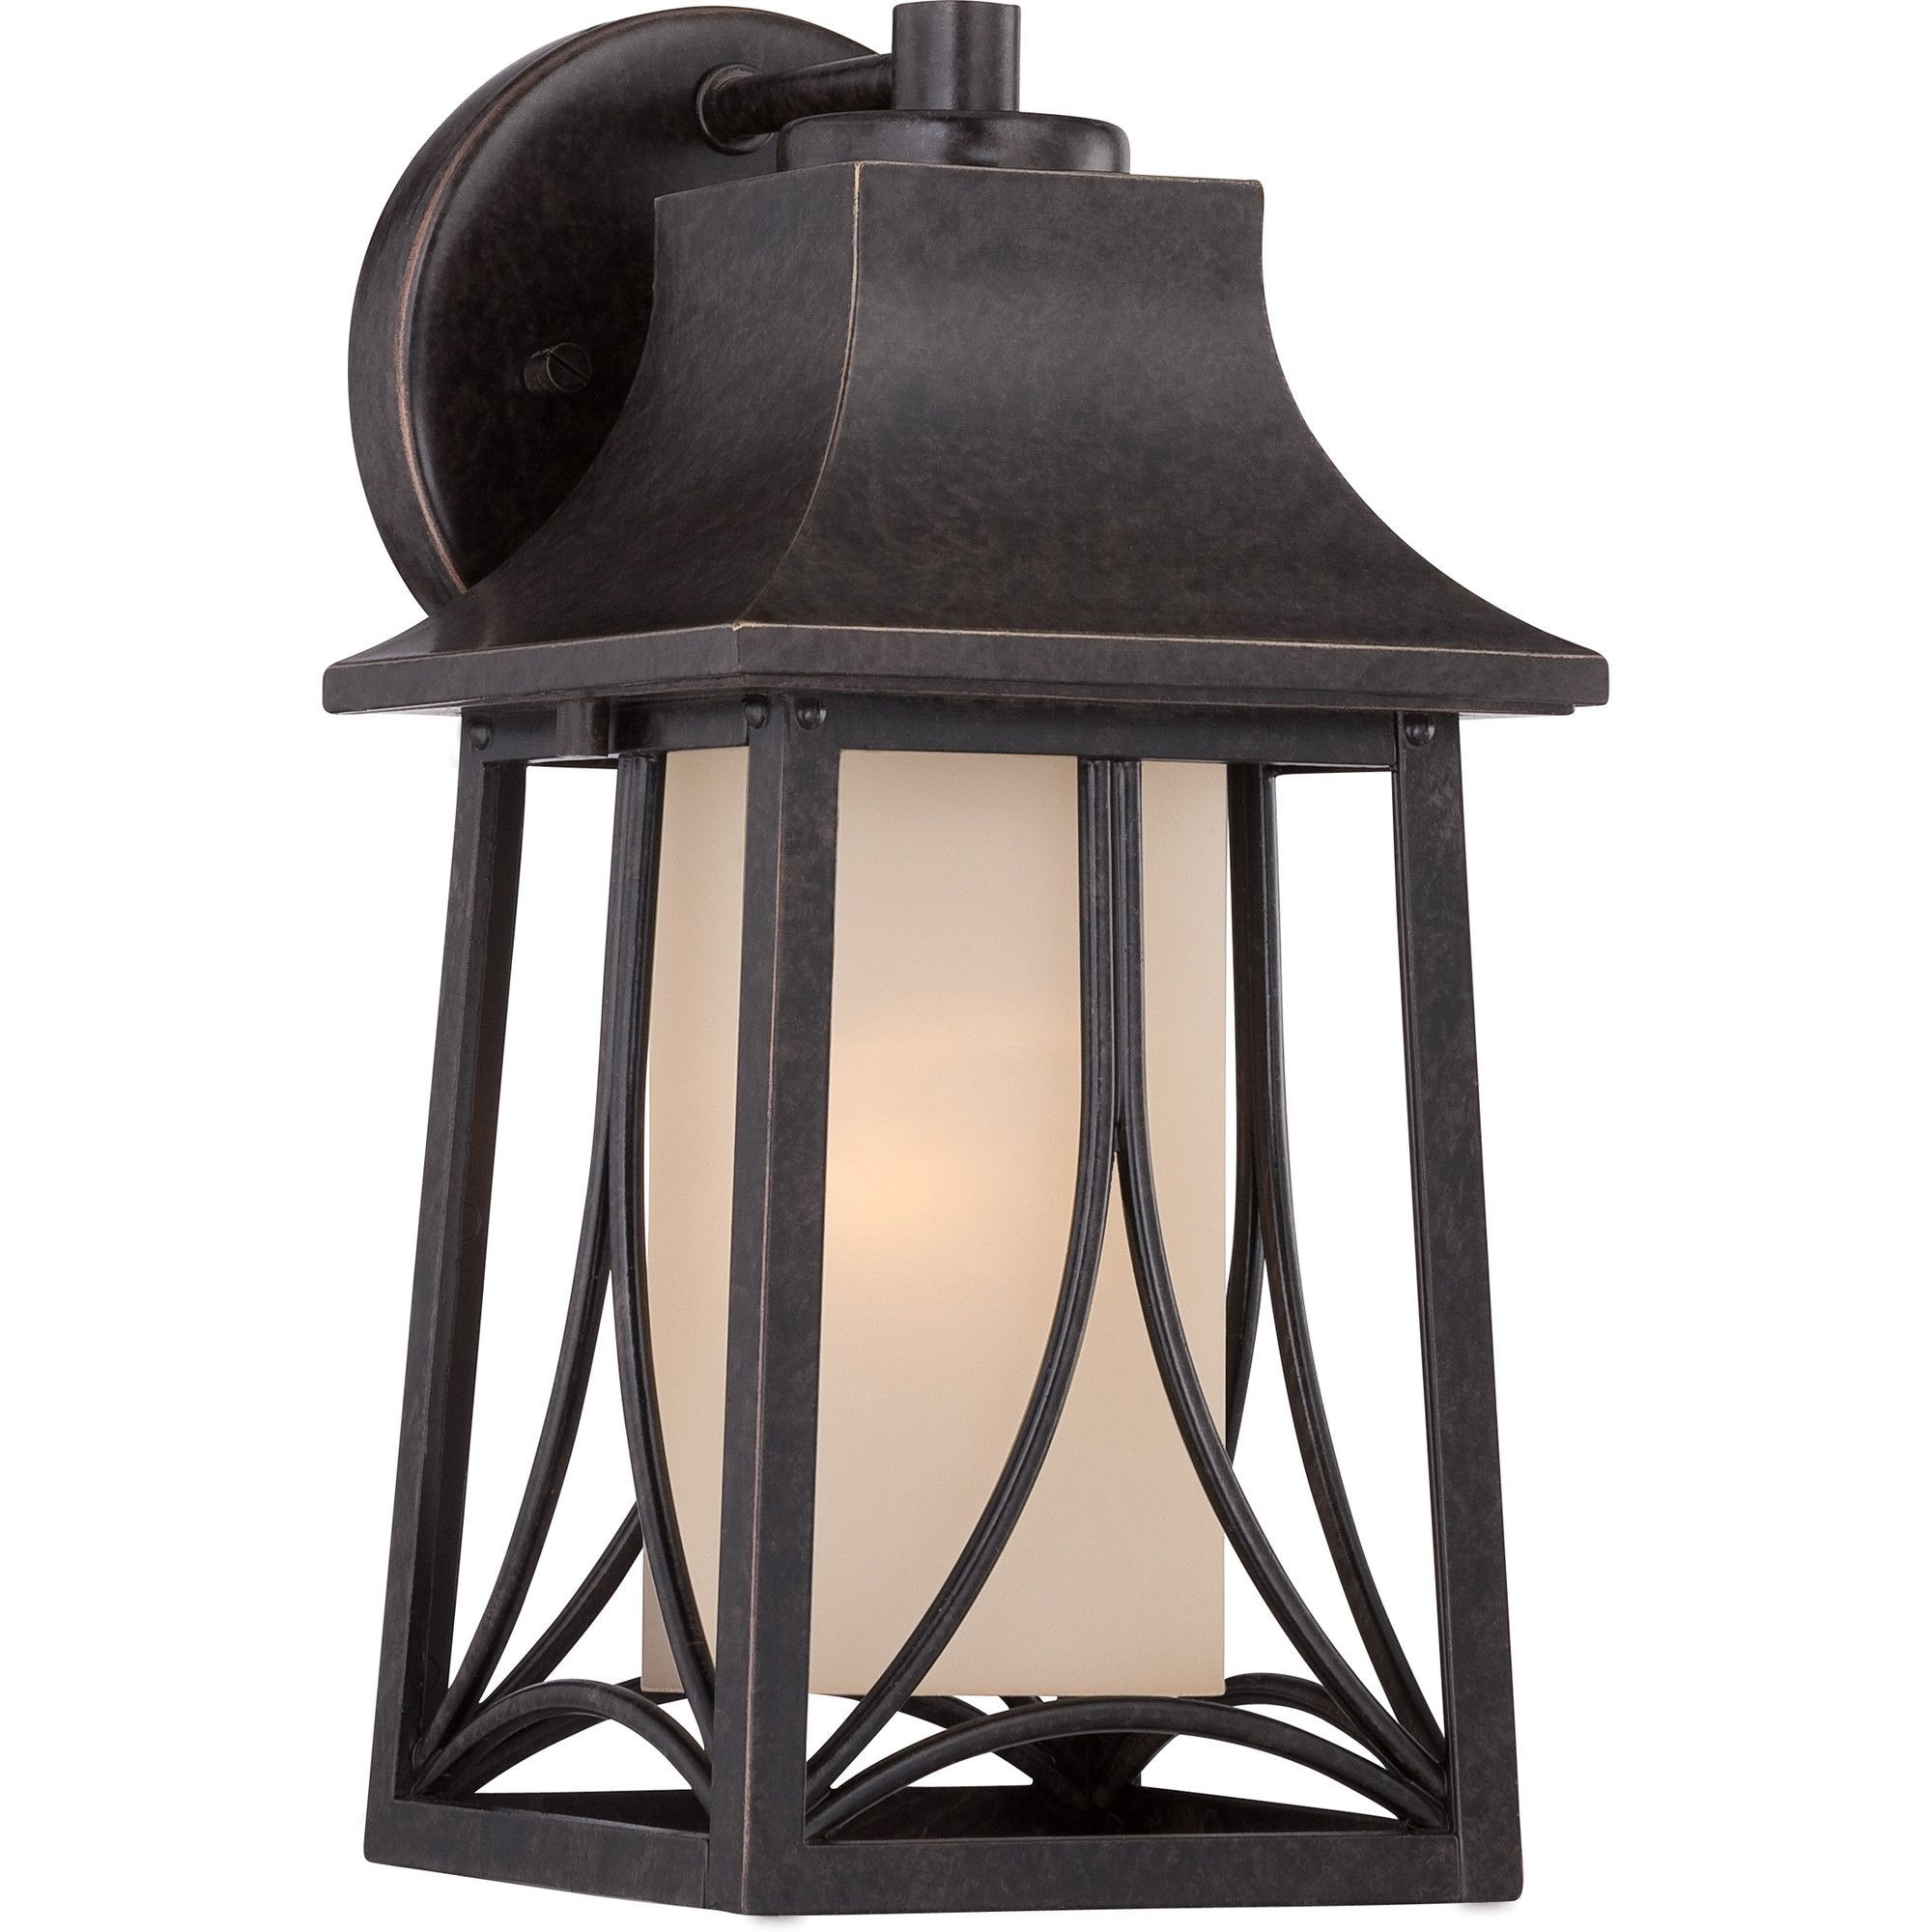 Stoutsville 1-Light Outdoor Wall Lantern